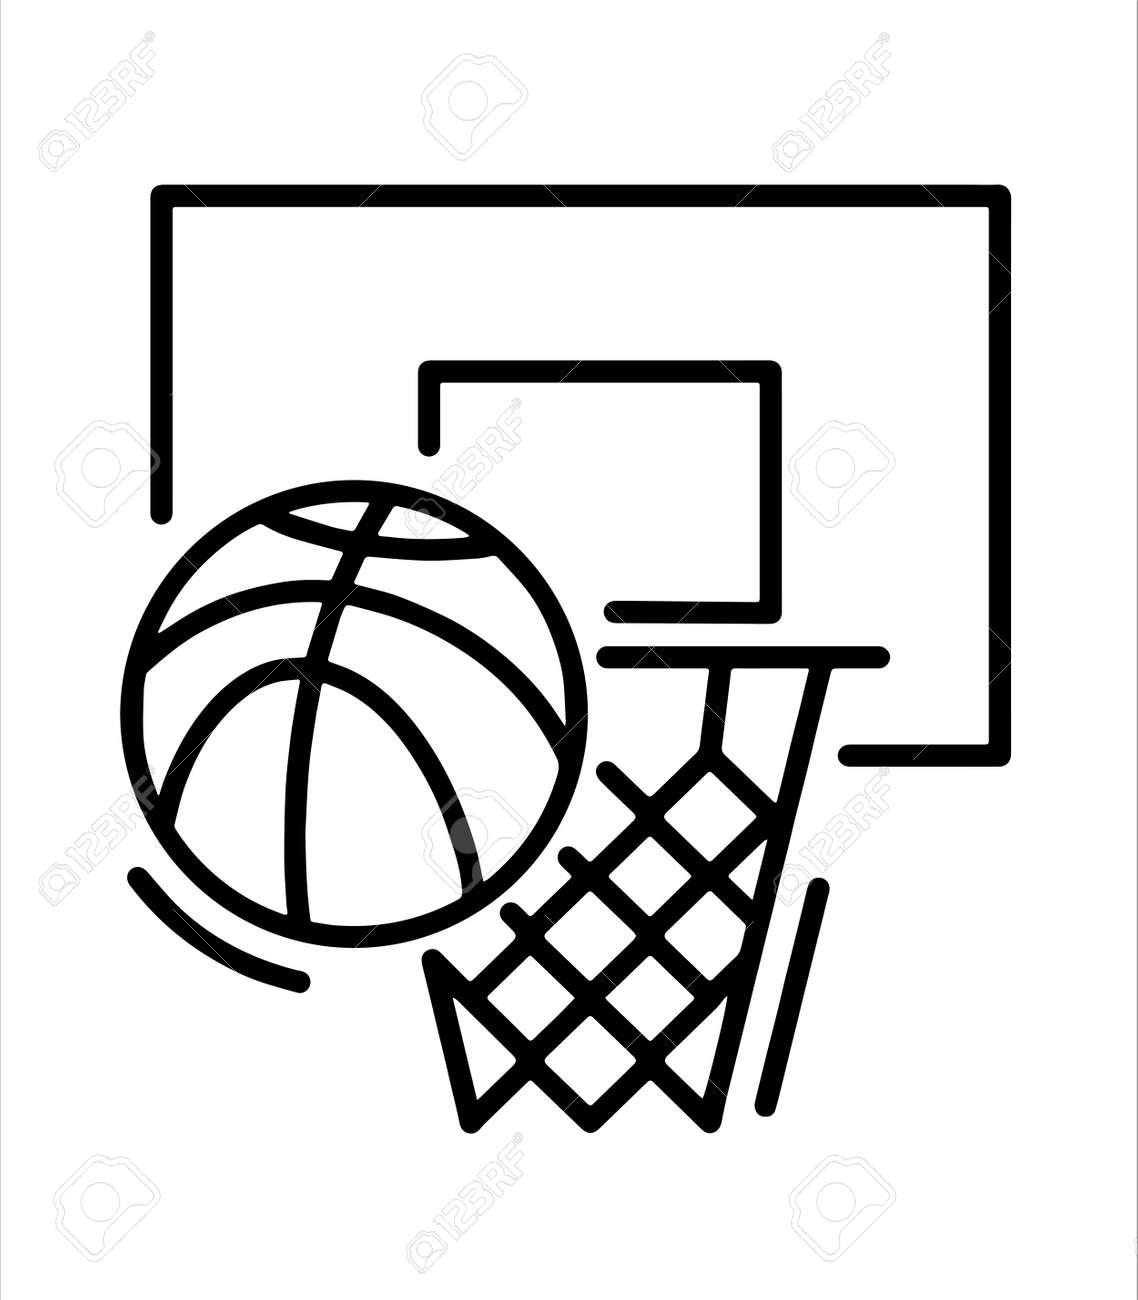 basketball hoop and basketball icon - 166548316